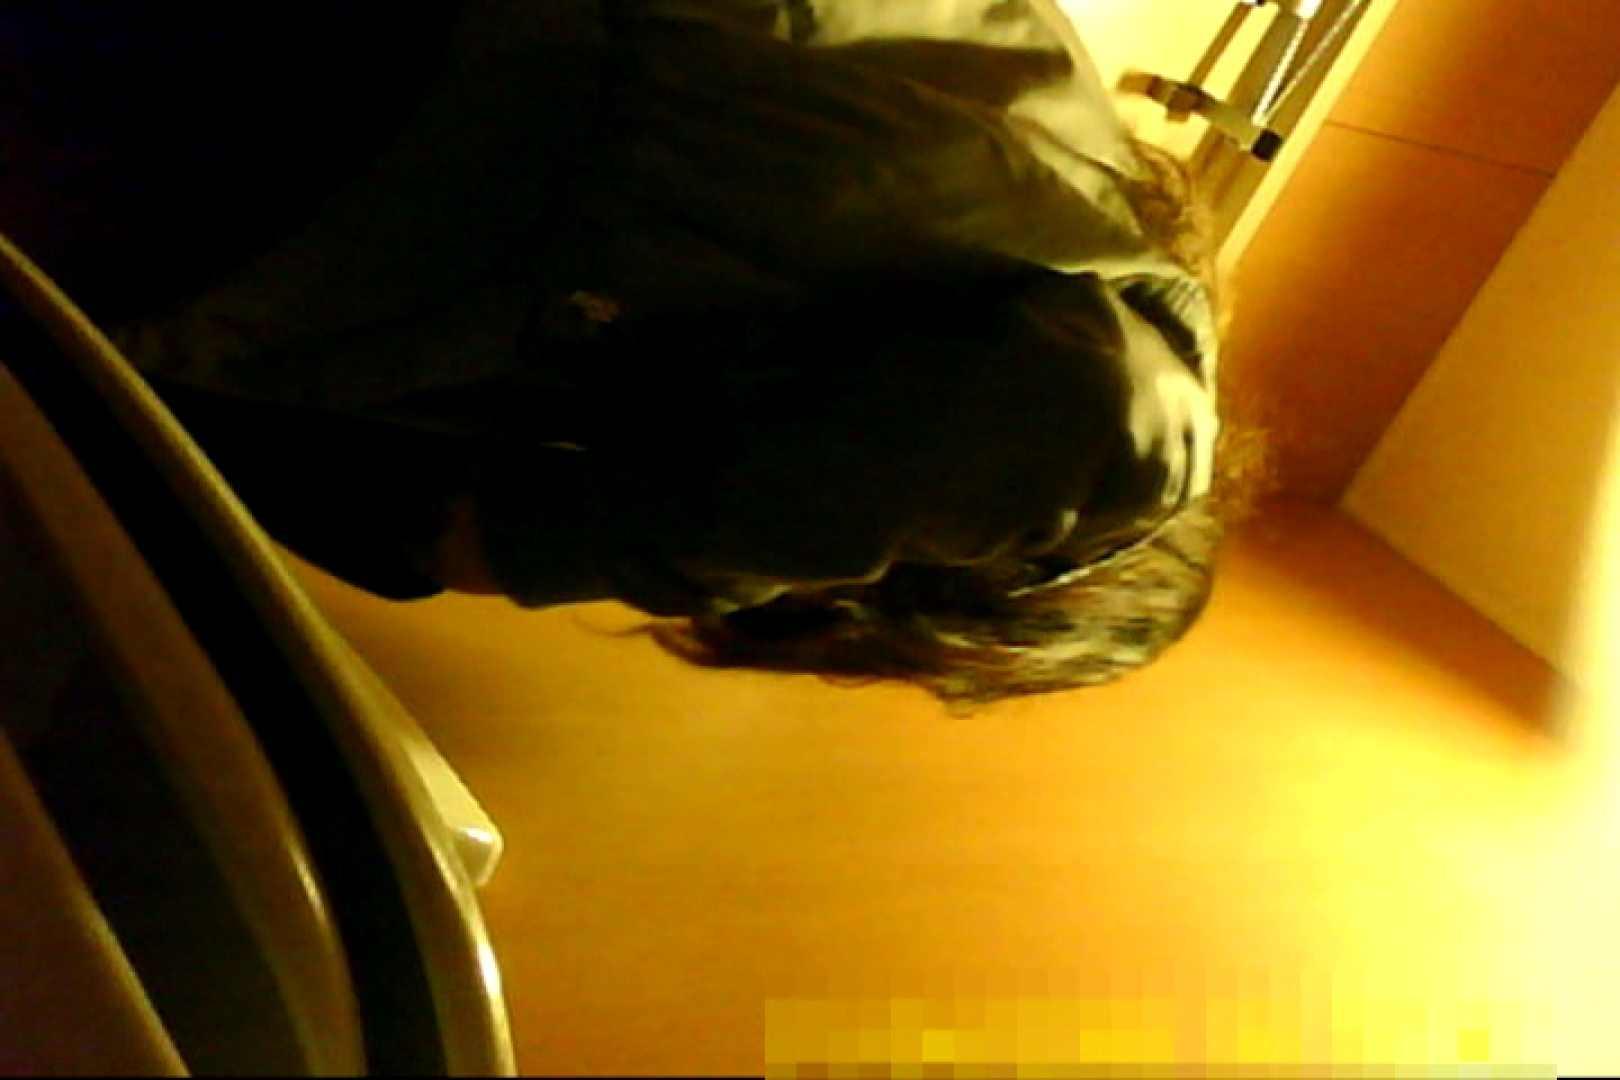 魅惑の化粧室~禁断のプライベート空間~30 エッチなお姉さん エロ無料画像 108pic 44